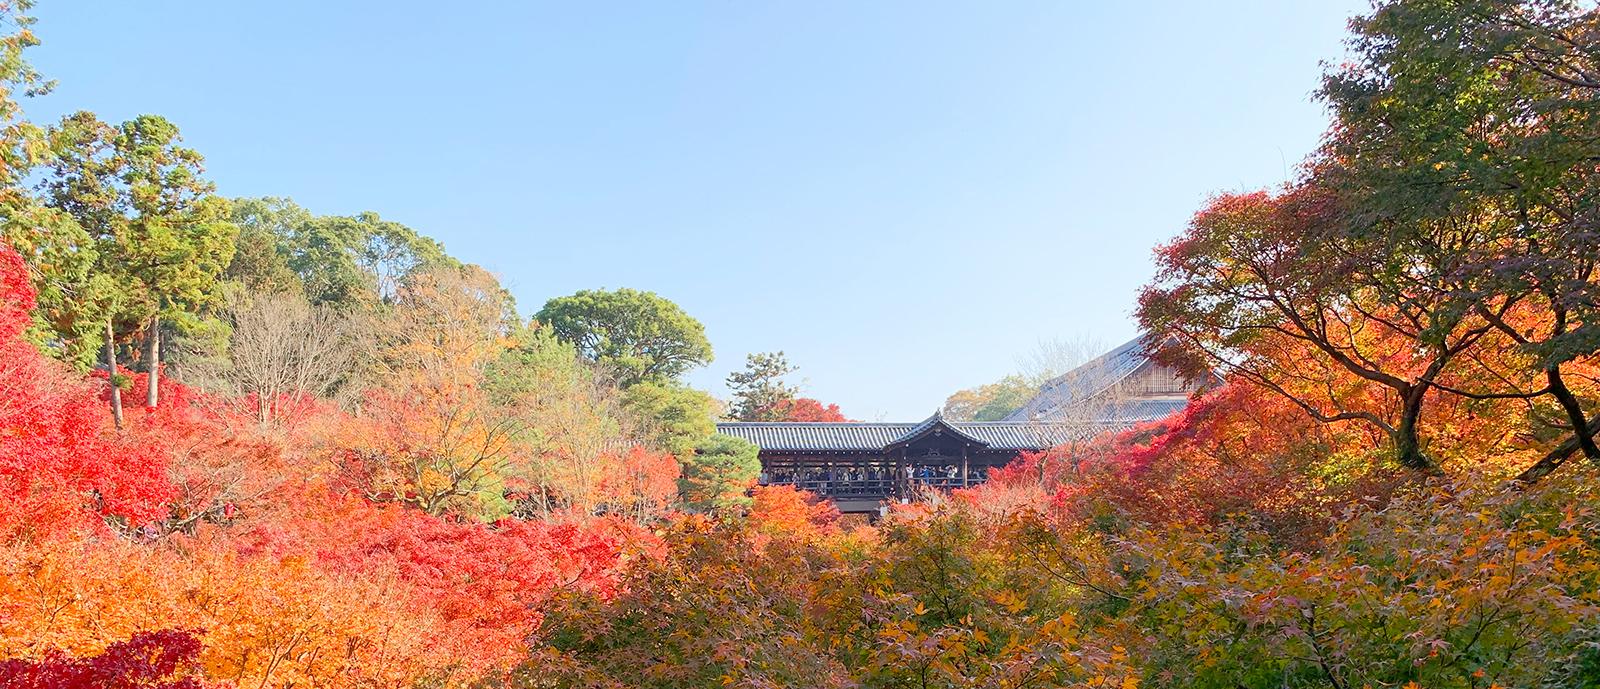 東福寺の臥雲橋からの眺め紅葉バージョン